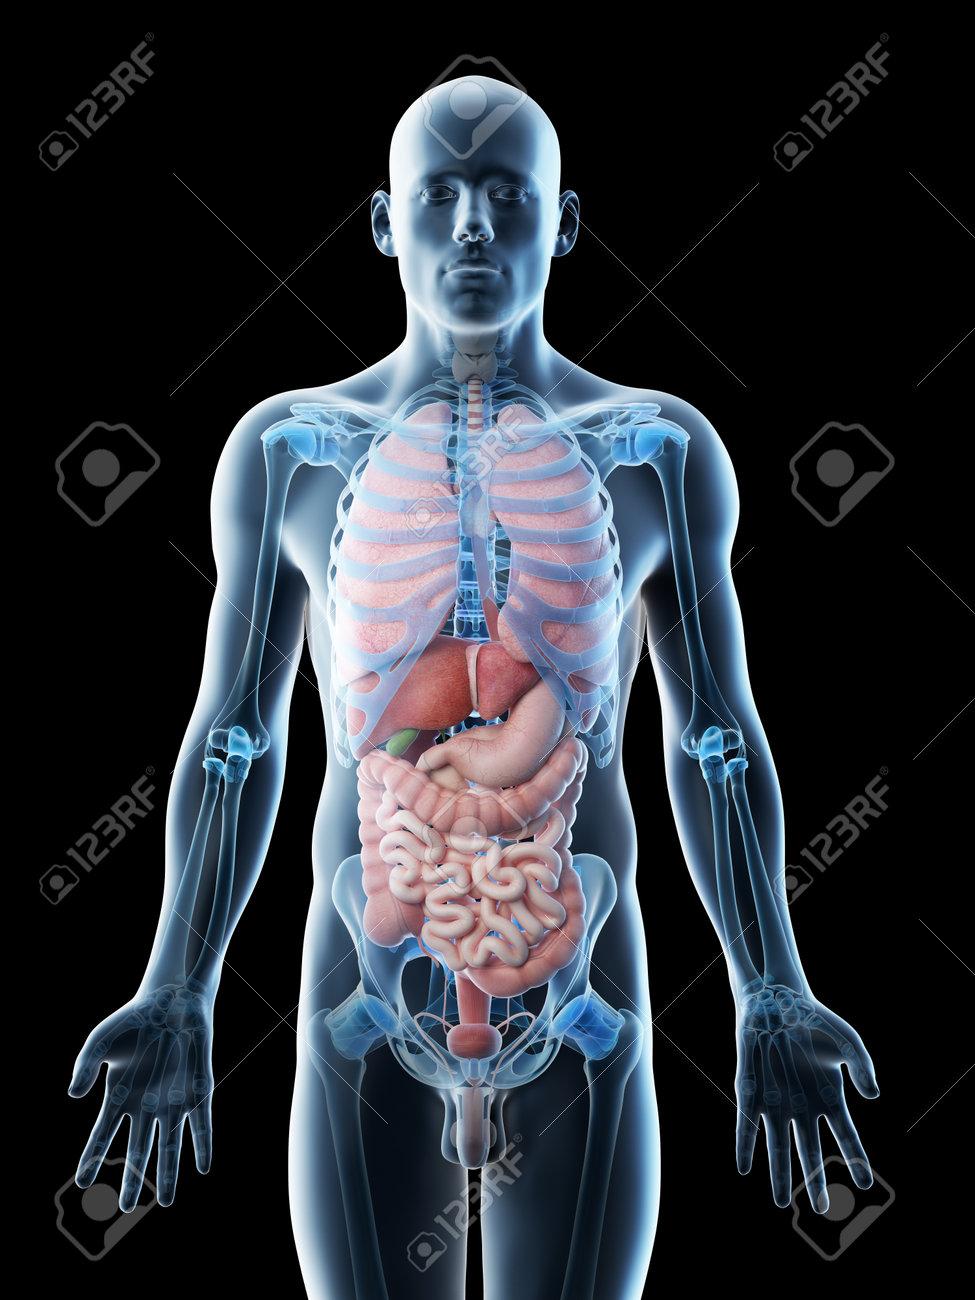 3d rendered illustration of a mans organs - 117700700